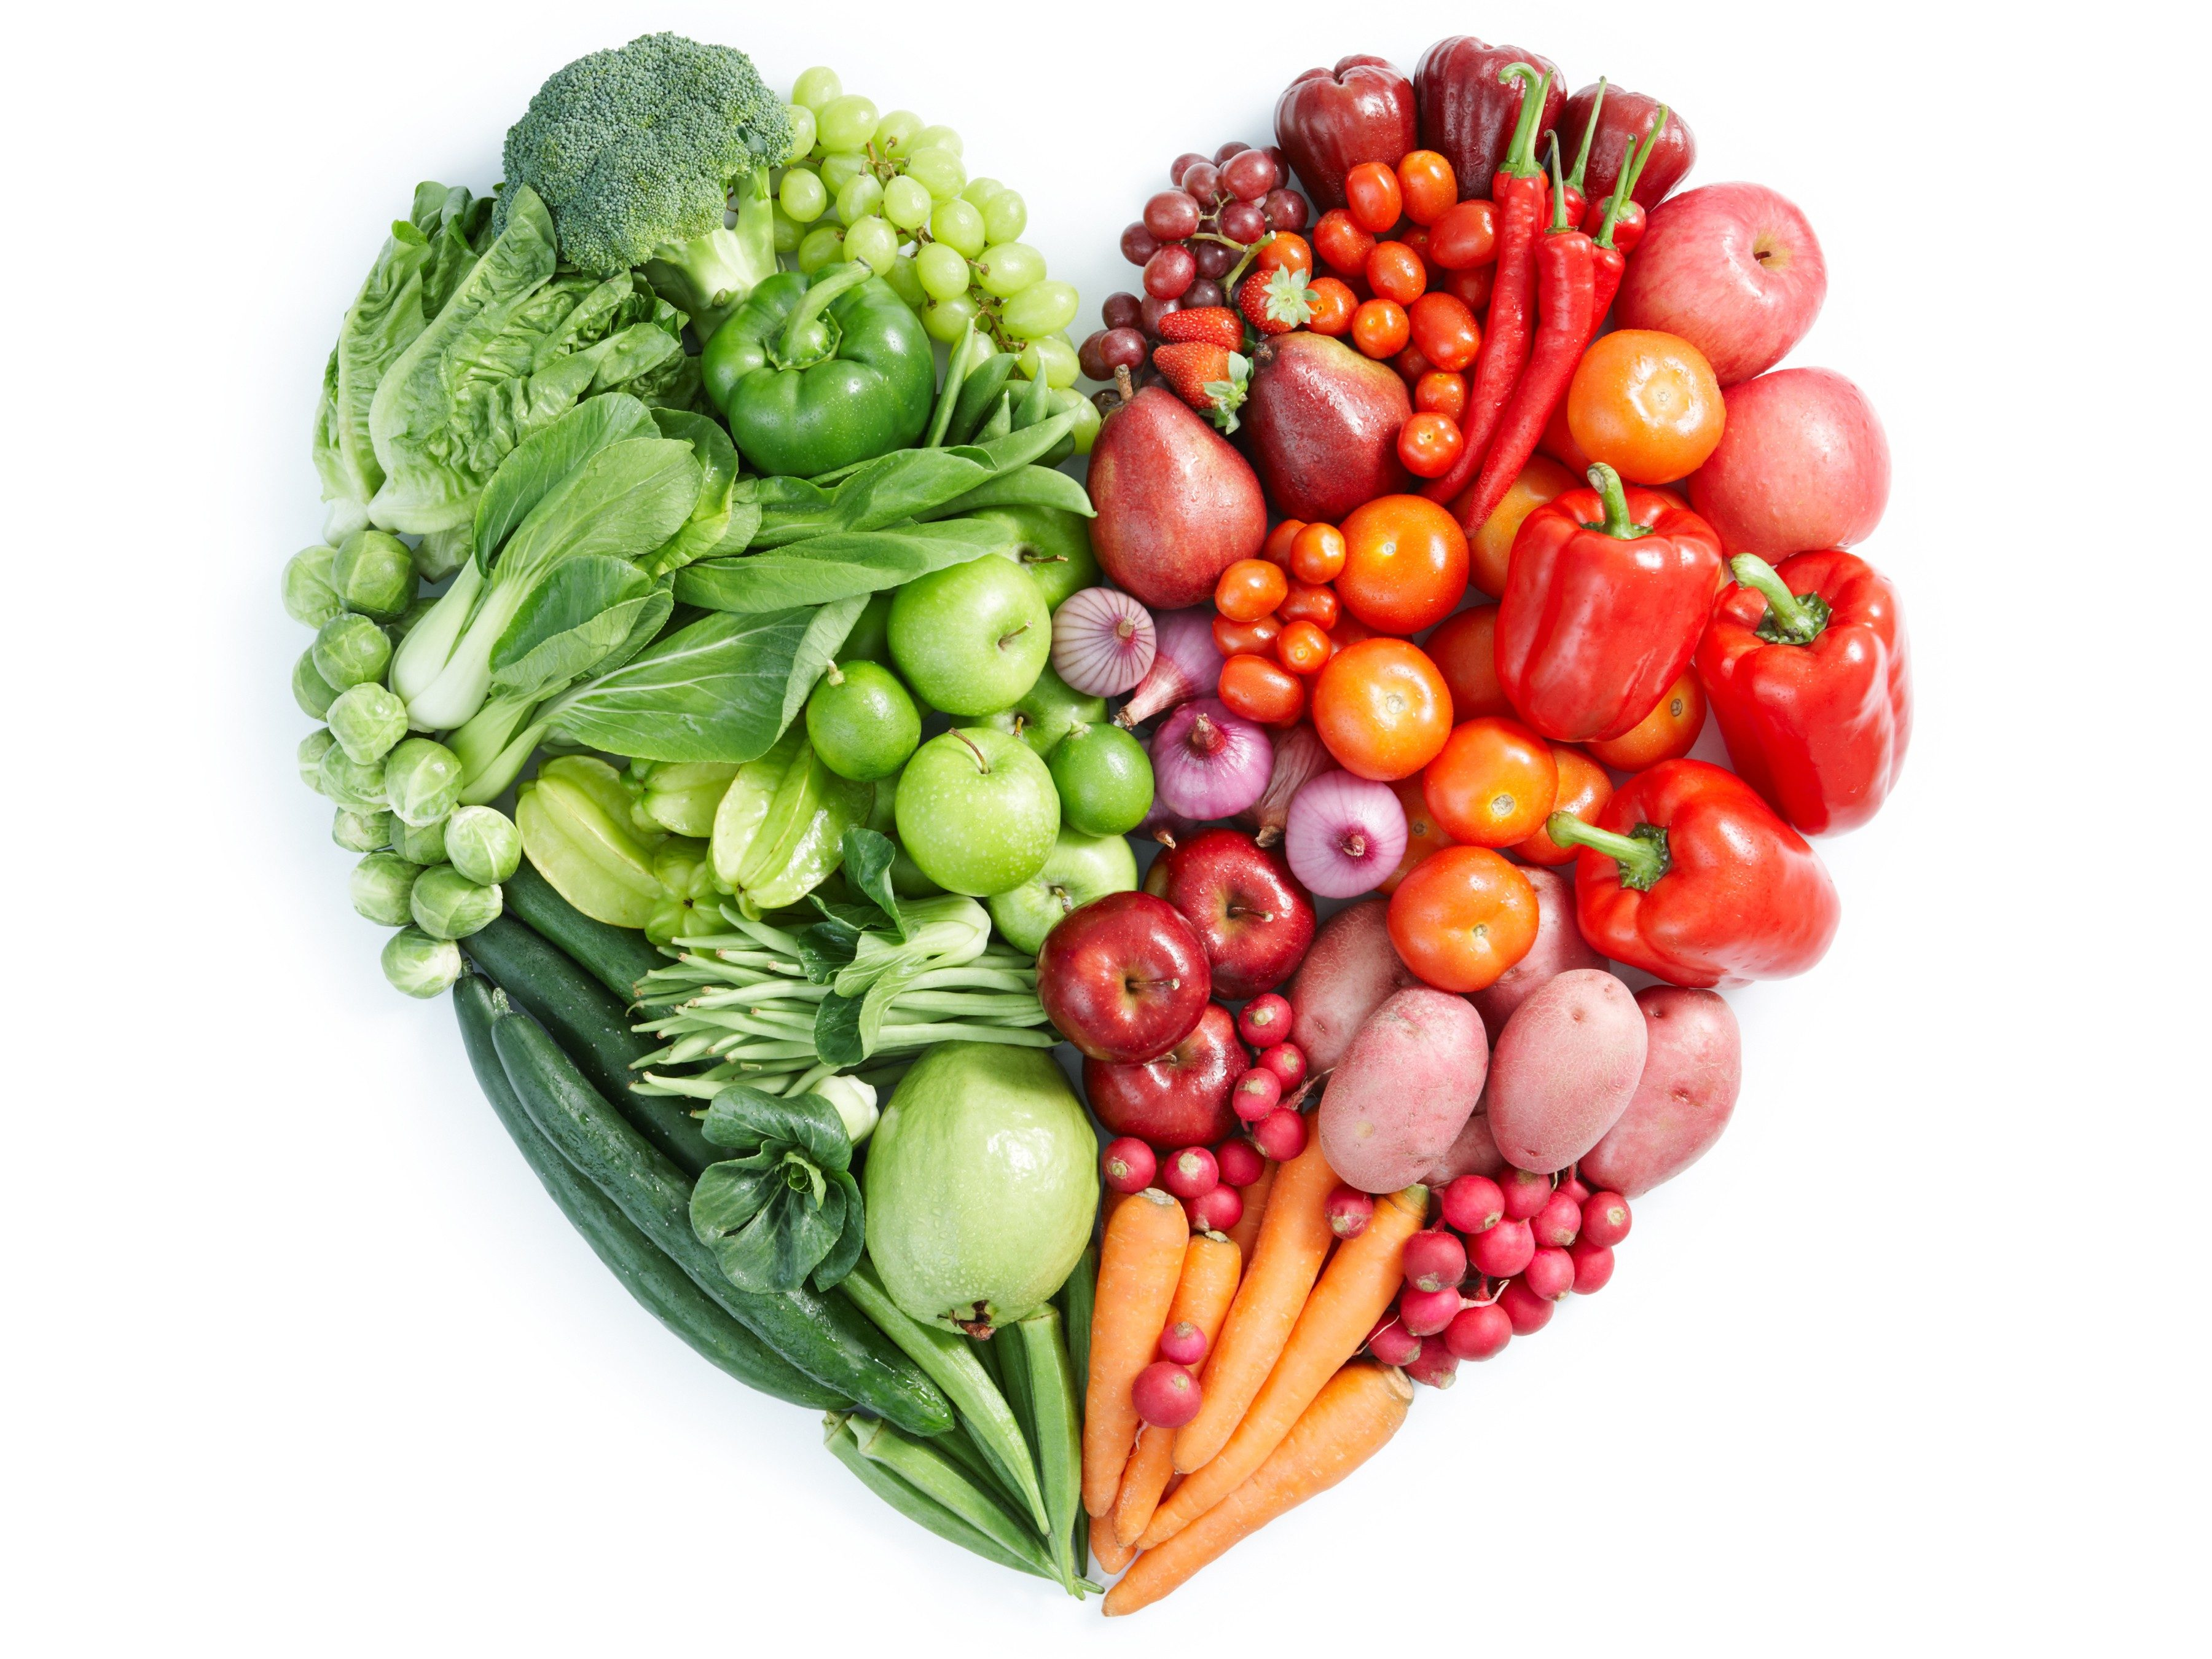 Dandruff solution #7: Follow an anti-inflammatory diet